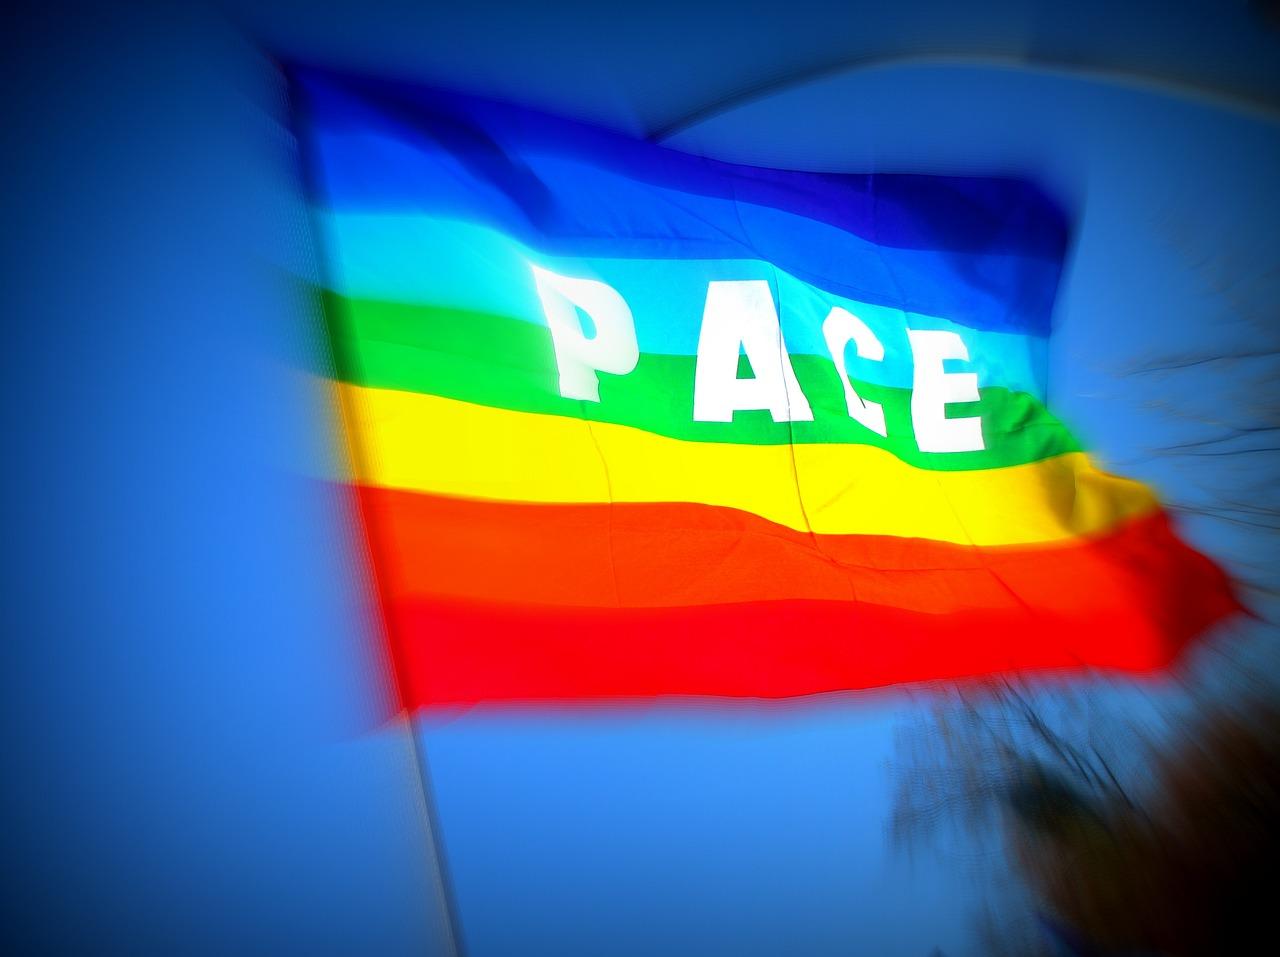 Veranstaltung: Frieden in Bewegung. Wo und wohin?